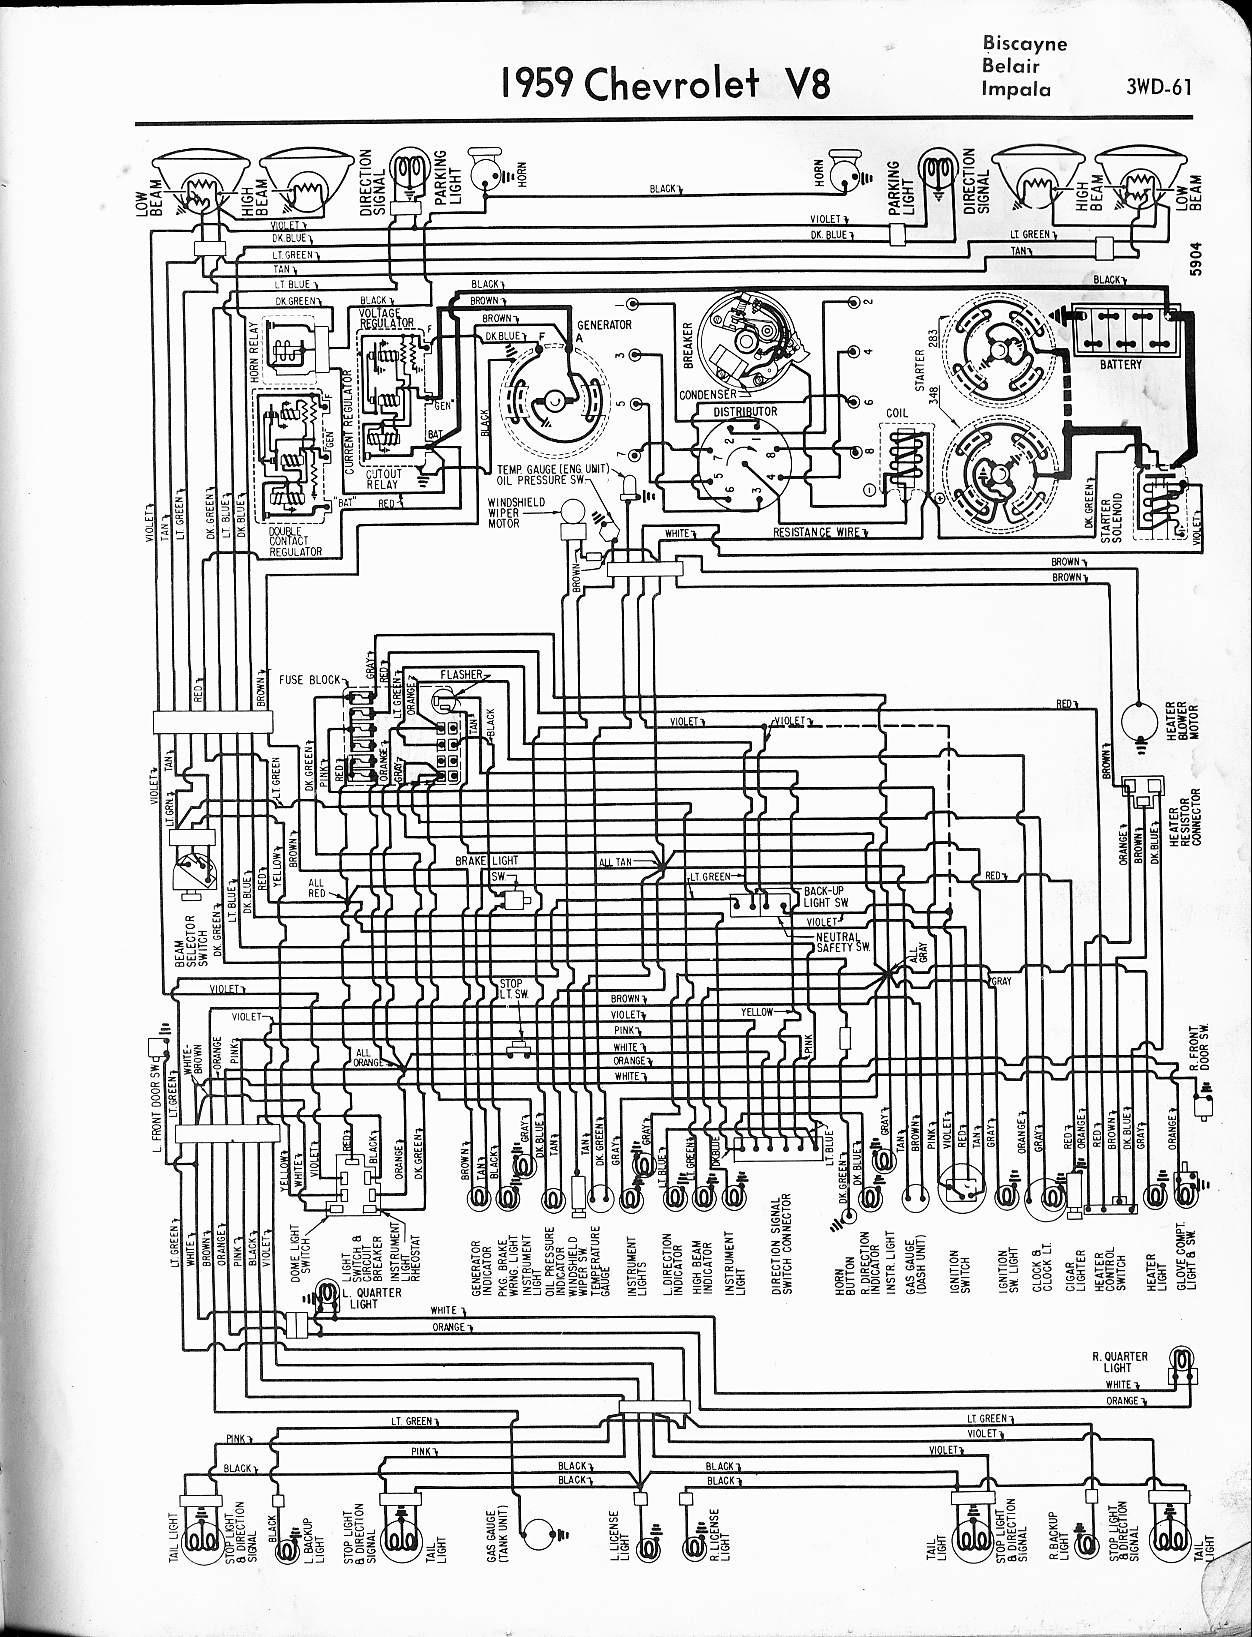 1959 corvette wiring diagrams custom wiring diagram u2022 rh littlewaves co